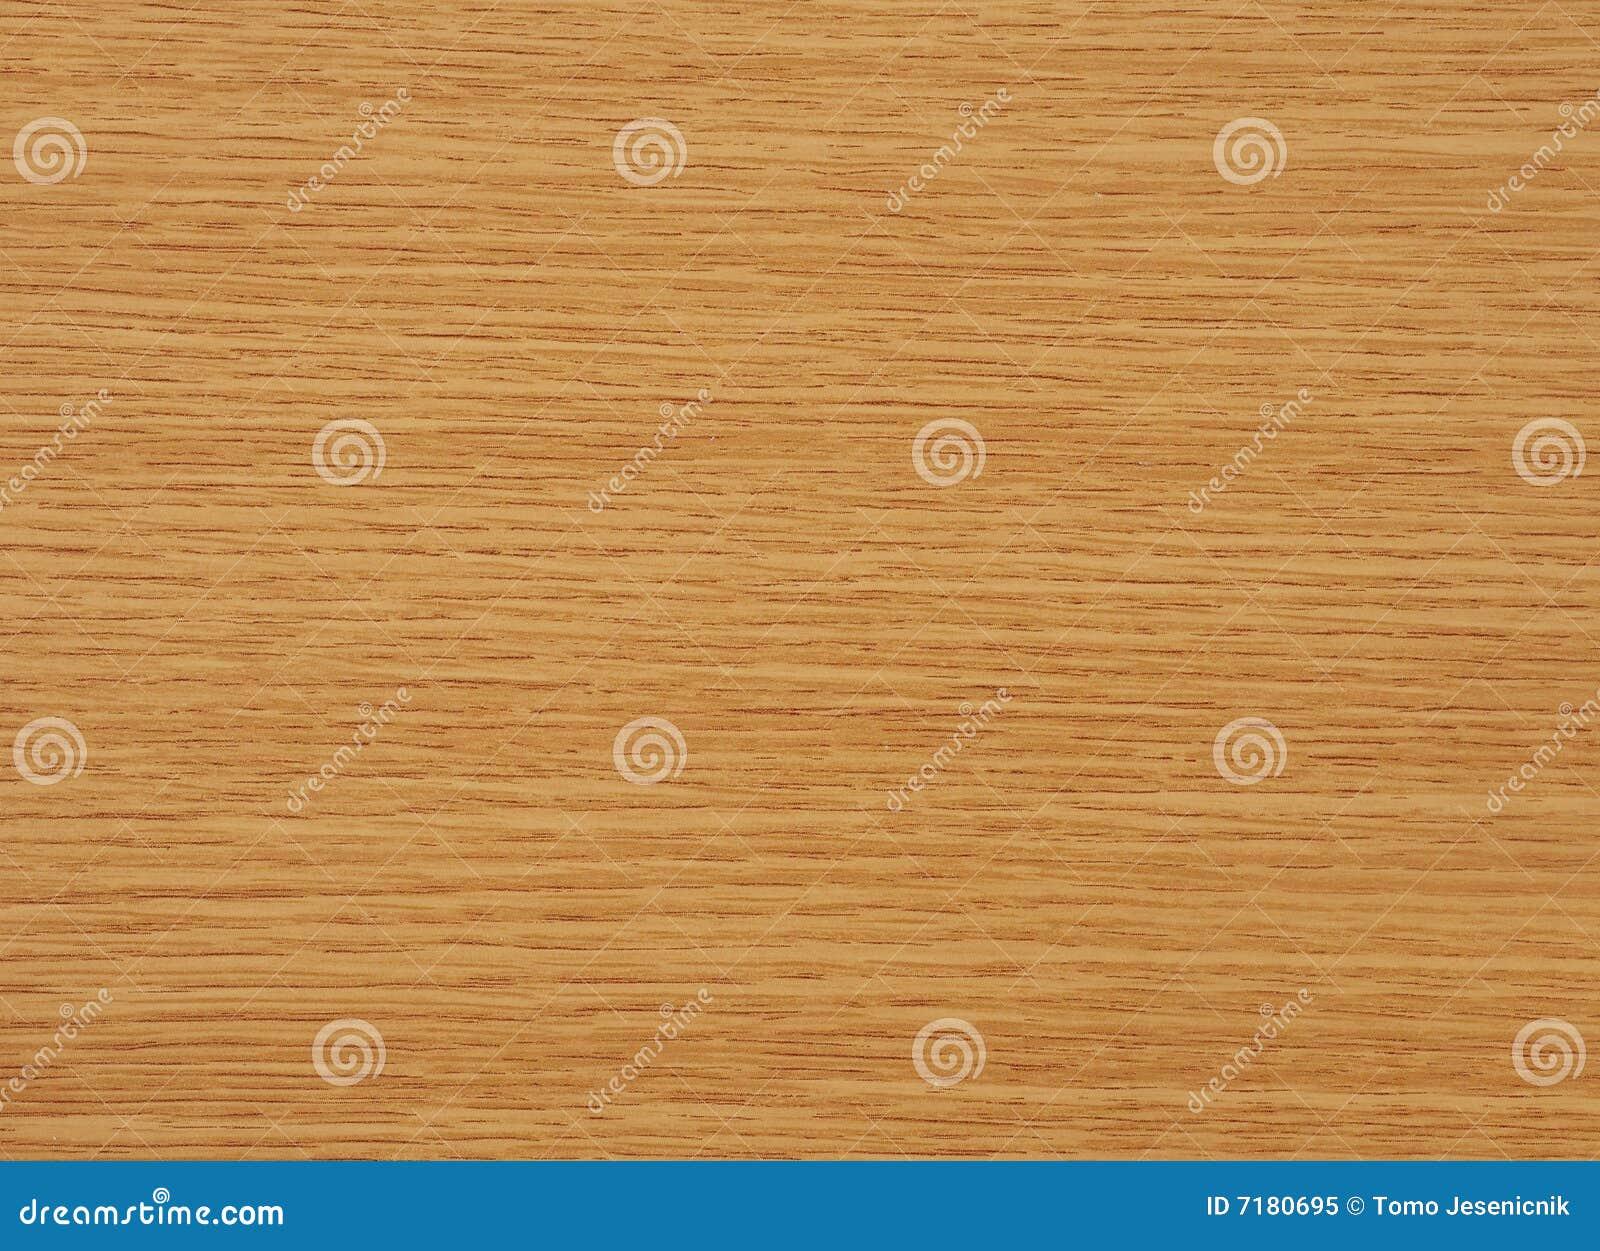 Oak tree wood royalty free stock photo image